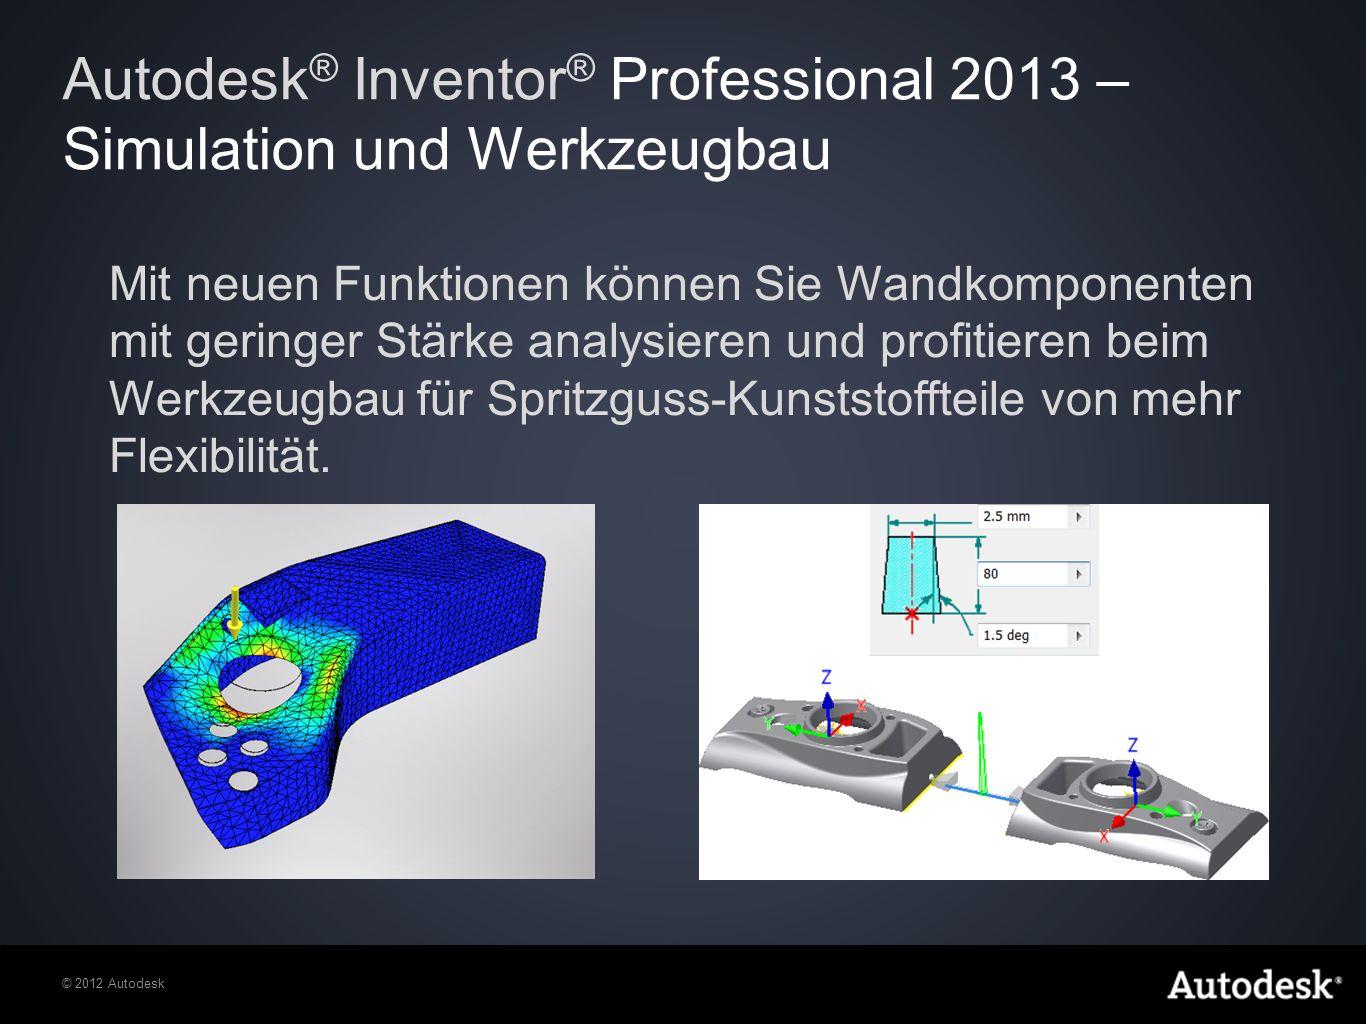 Autodesk® Inventor® Professional 2013 – Simulation und Werkzeugbau